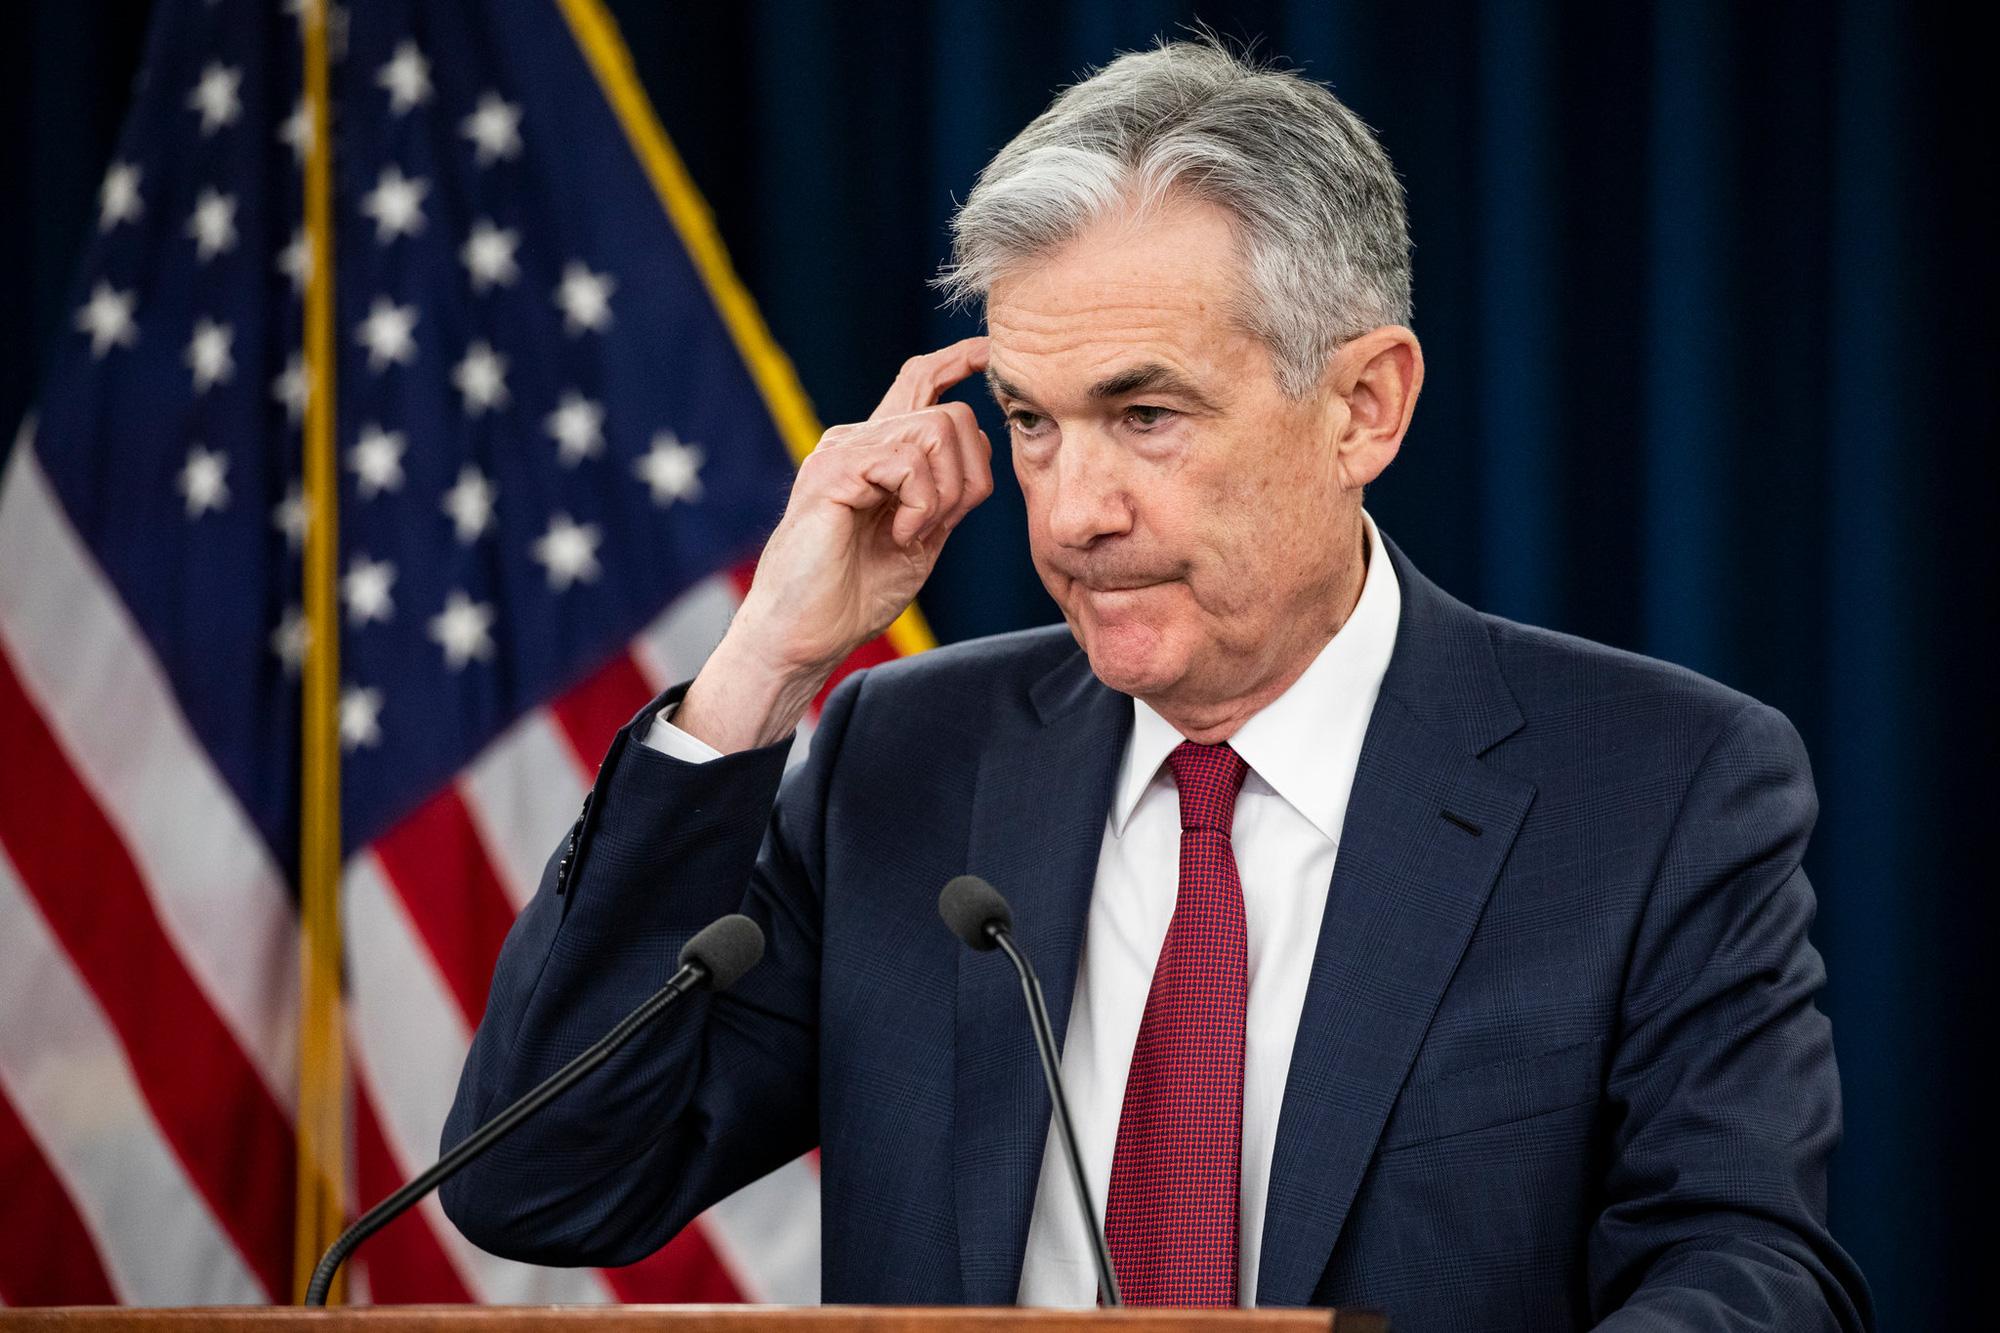 10% lực lượng lao động Mỹ mất việc chỉ trong ba tuần, Fed lên kế hoạch bơm thêm 2.300 tỉ USD vào nền kinh tế - Ảnh 1.